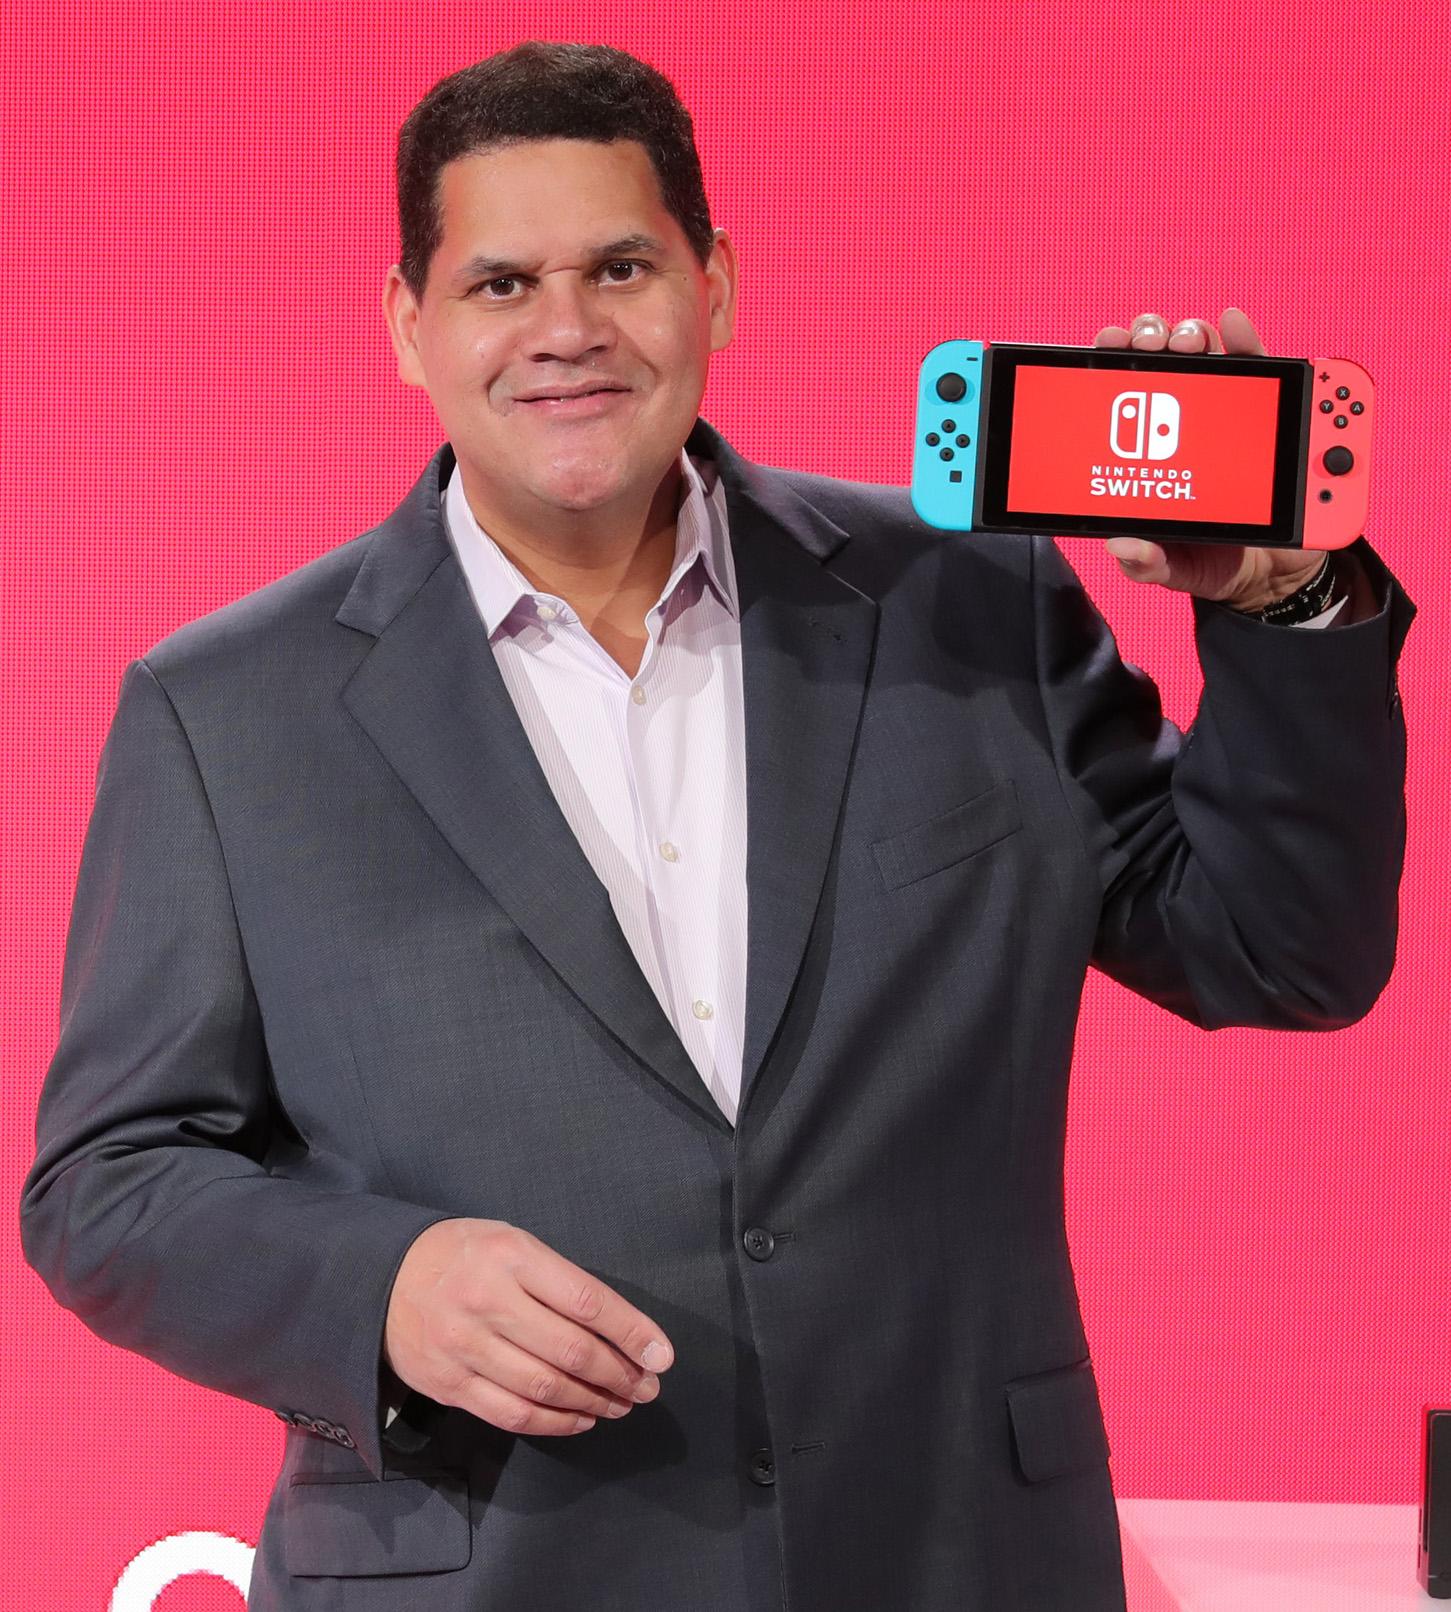 Le vendite di Nintendo Switch sono così elevate?